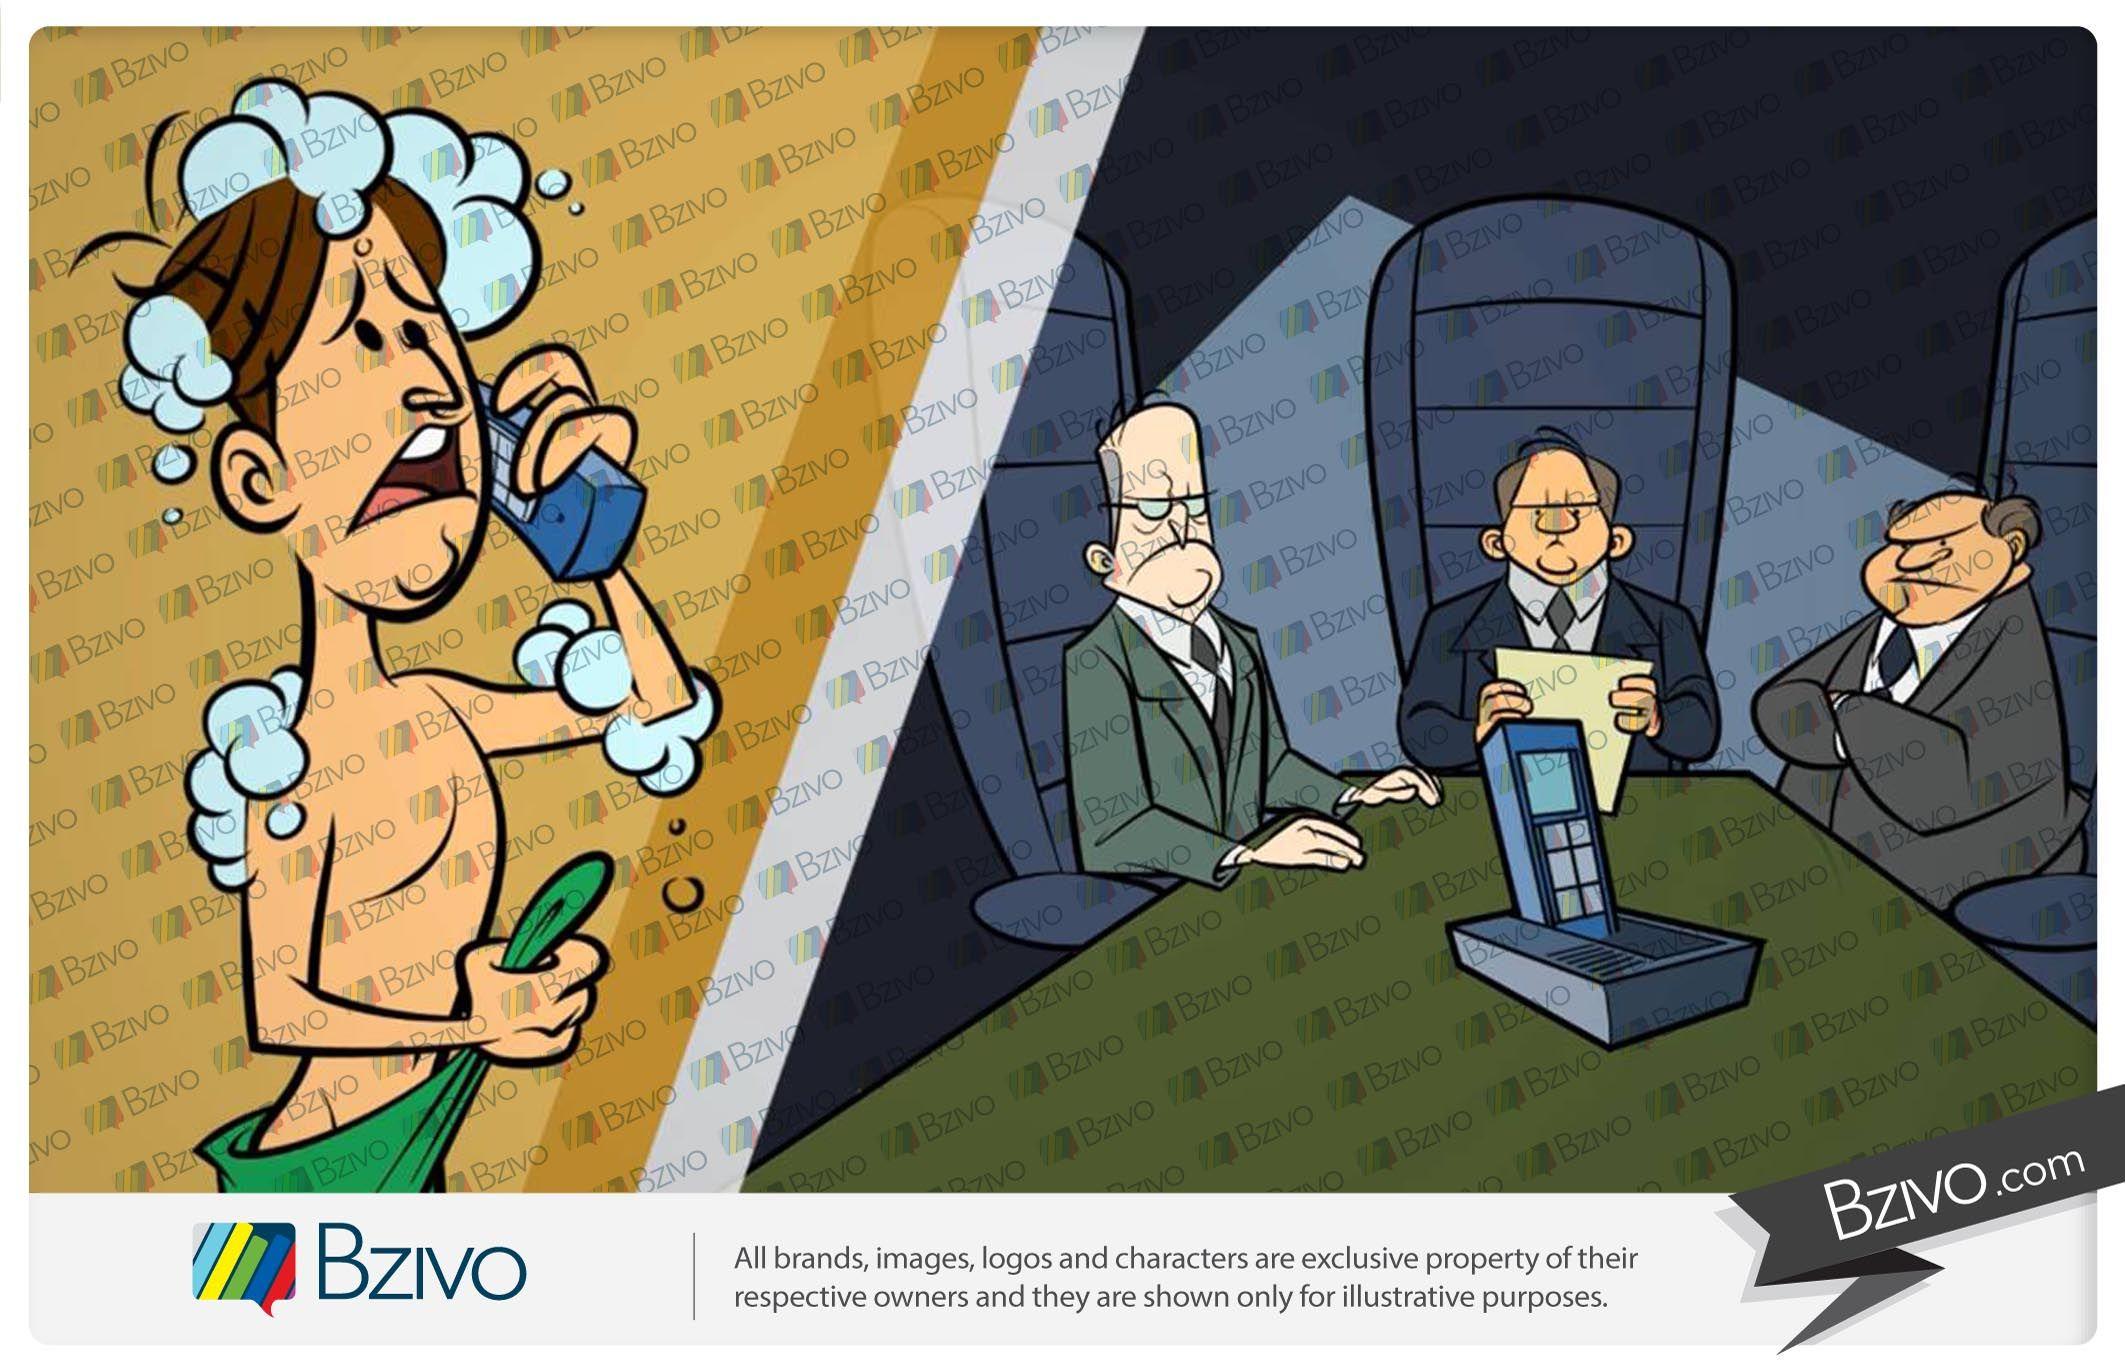 Bzivo Social Media Illustration  Sample 07